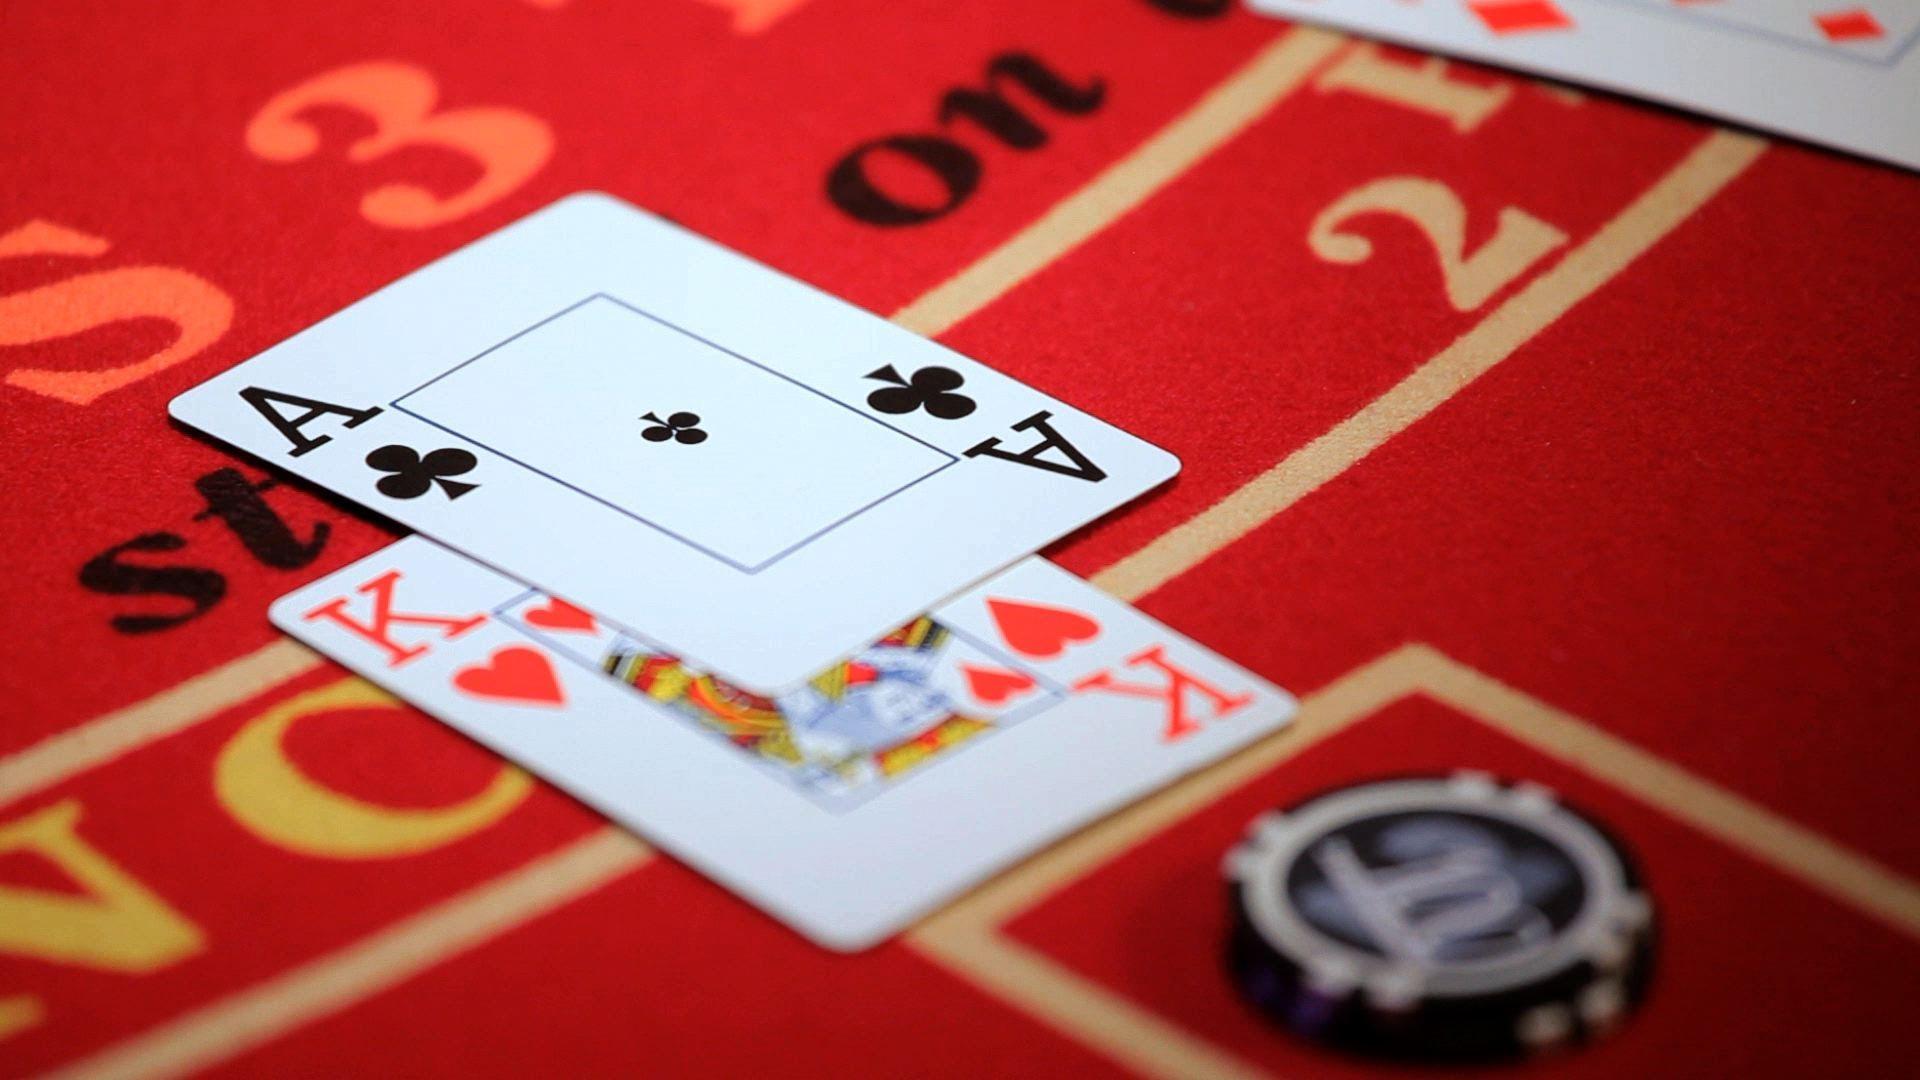 Astuces pour réussir aux jeux casino